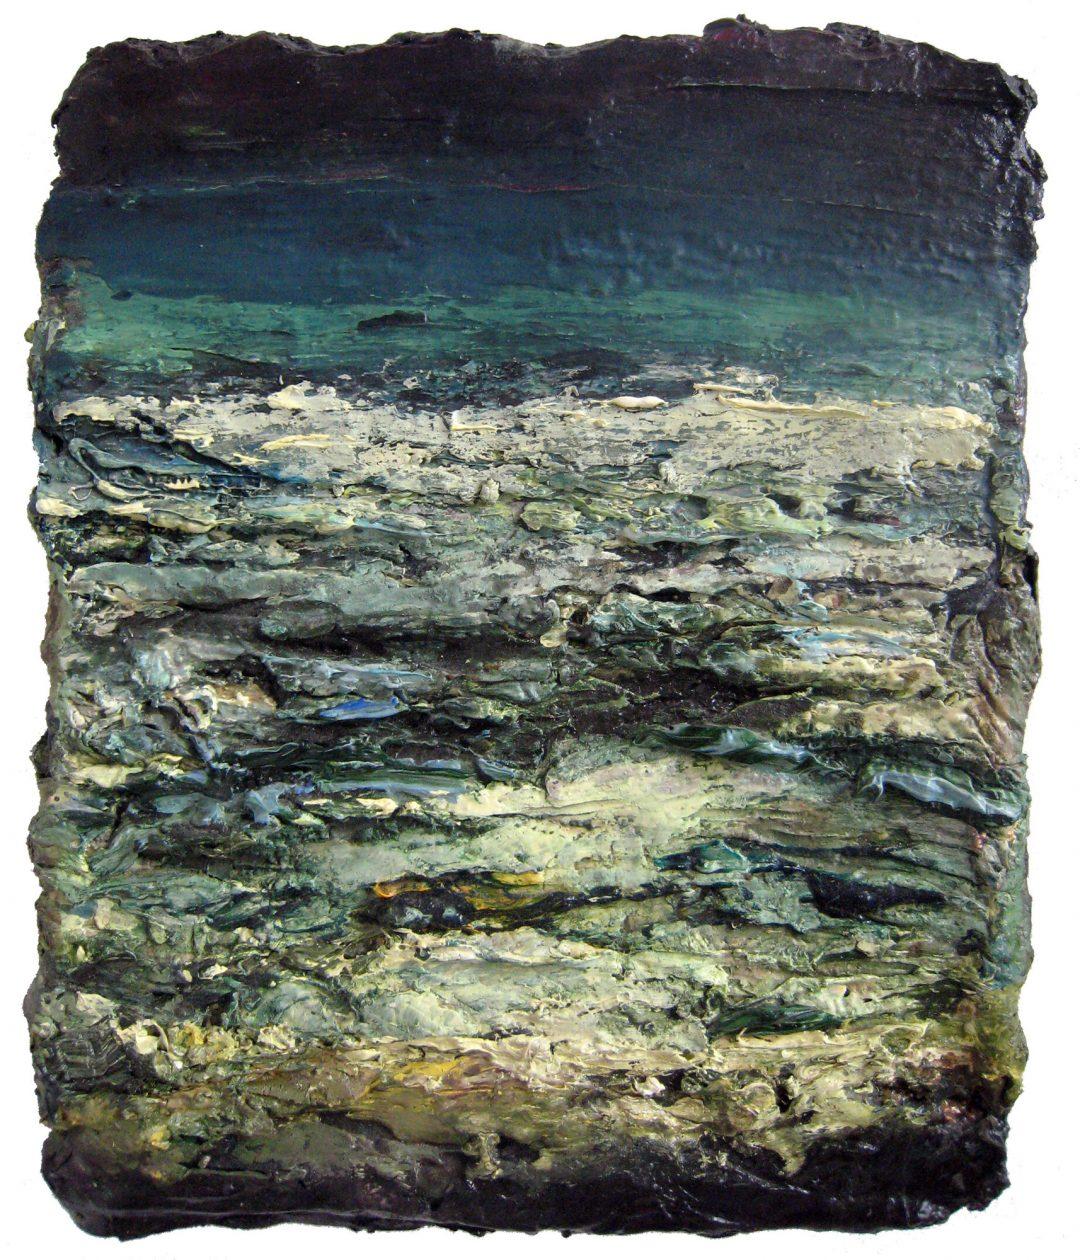 anne-manoli-peinture-2007-emulsion-huile-sur-toile-27cmx22cm-terre-d-eau-collection-particuliere